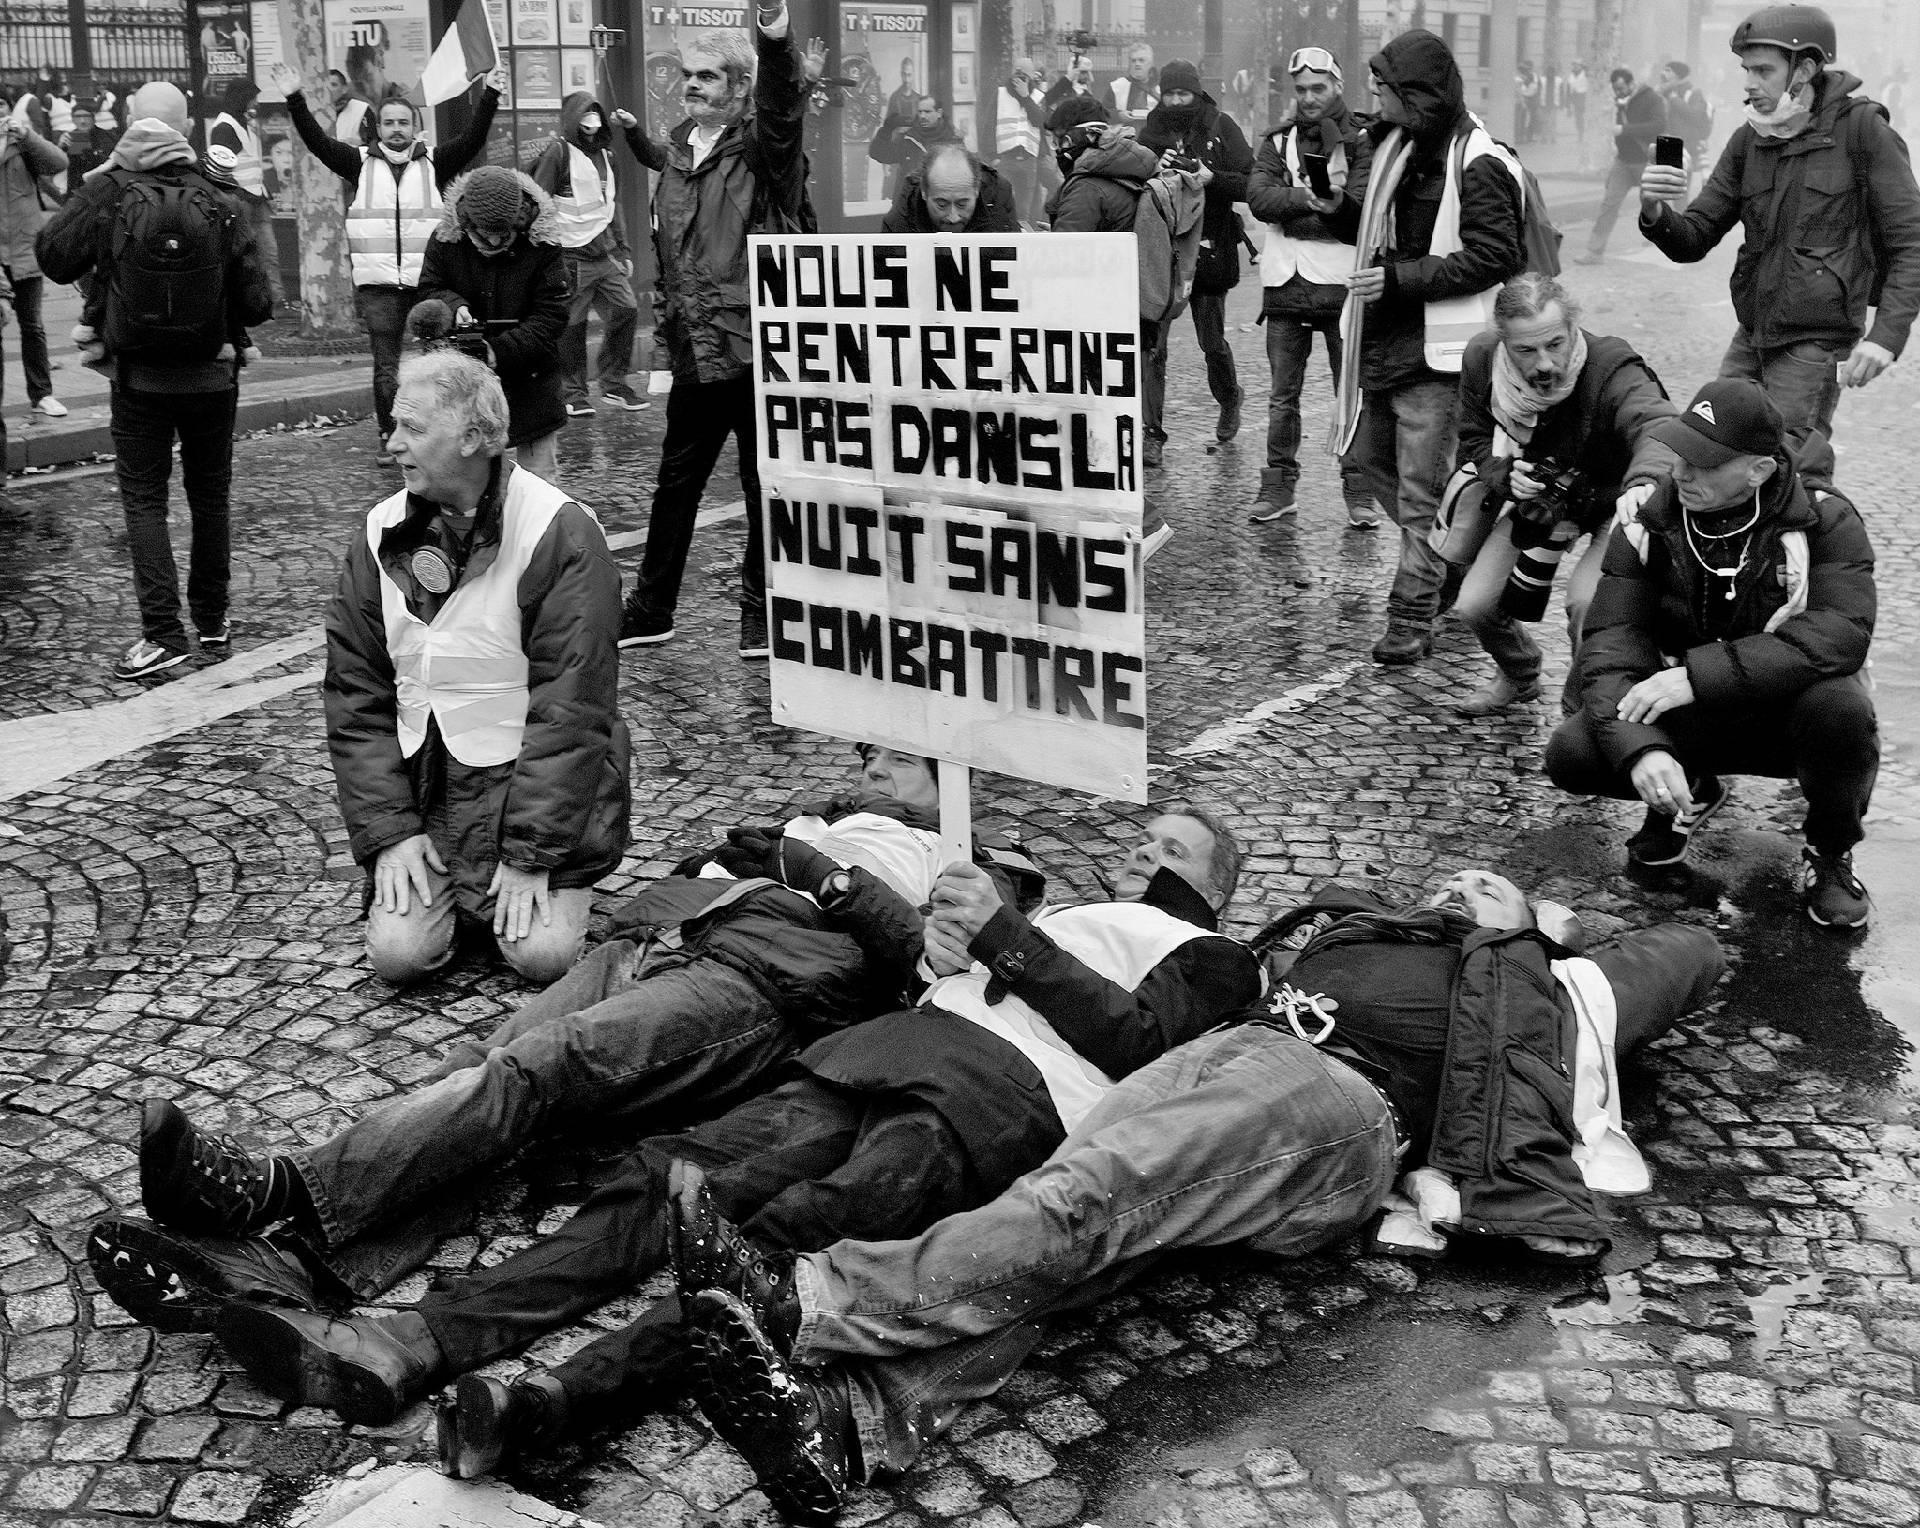 Manifestation du 24novembre 2018 à Paris, des hommes allongés sur la chausséerefusent de partir.